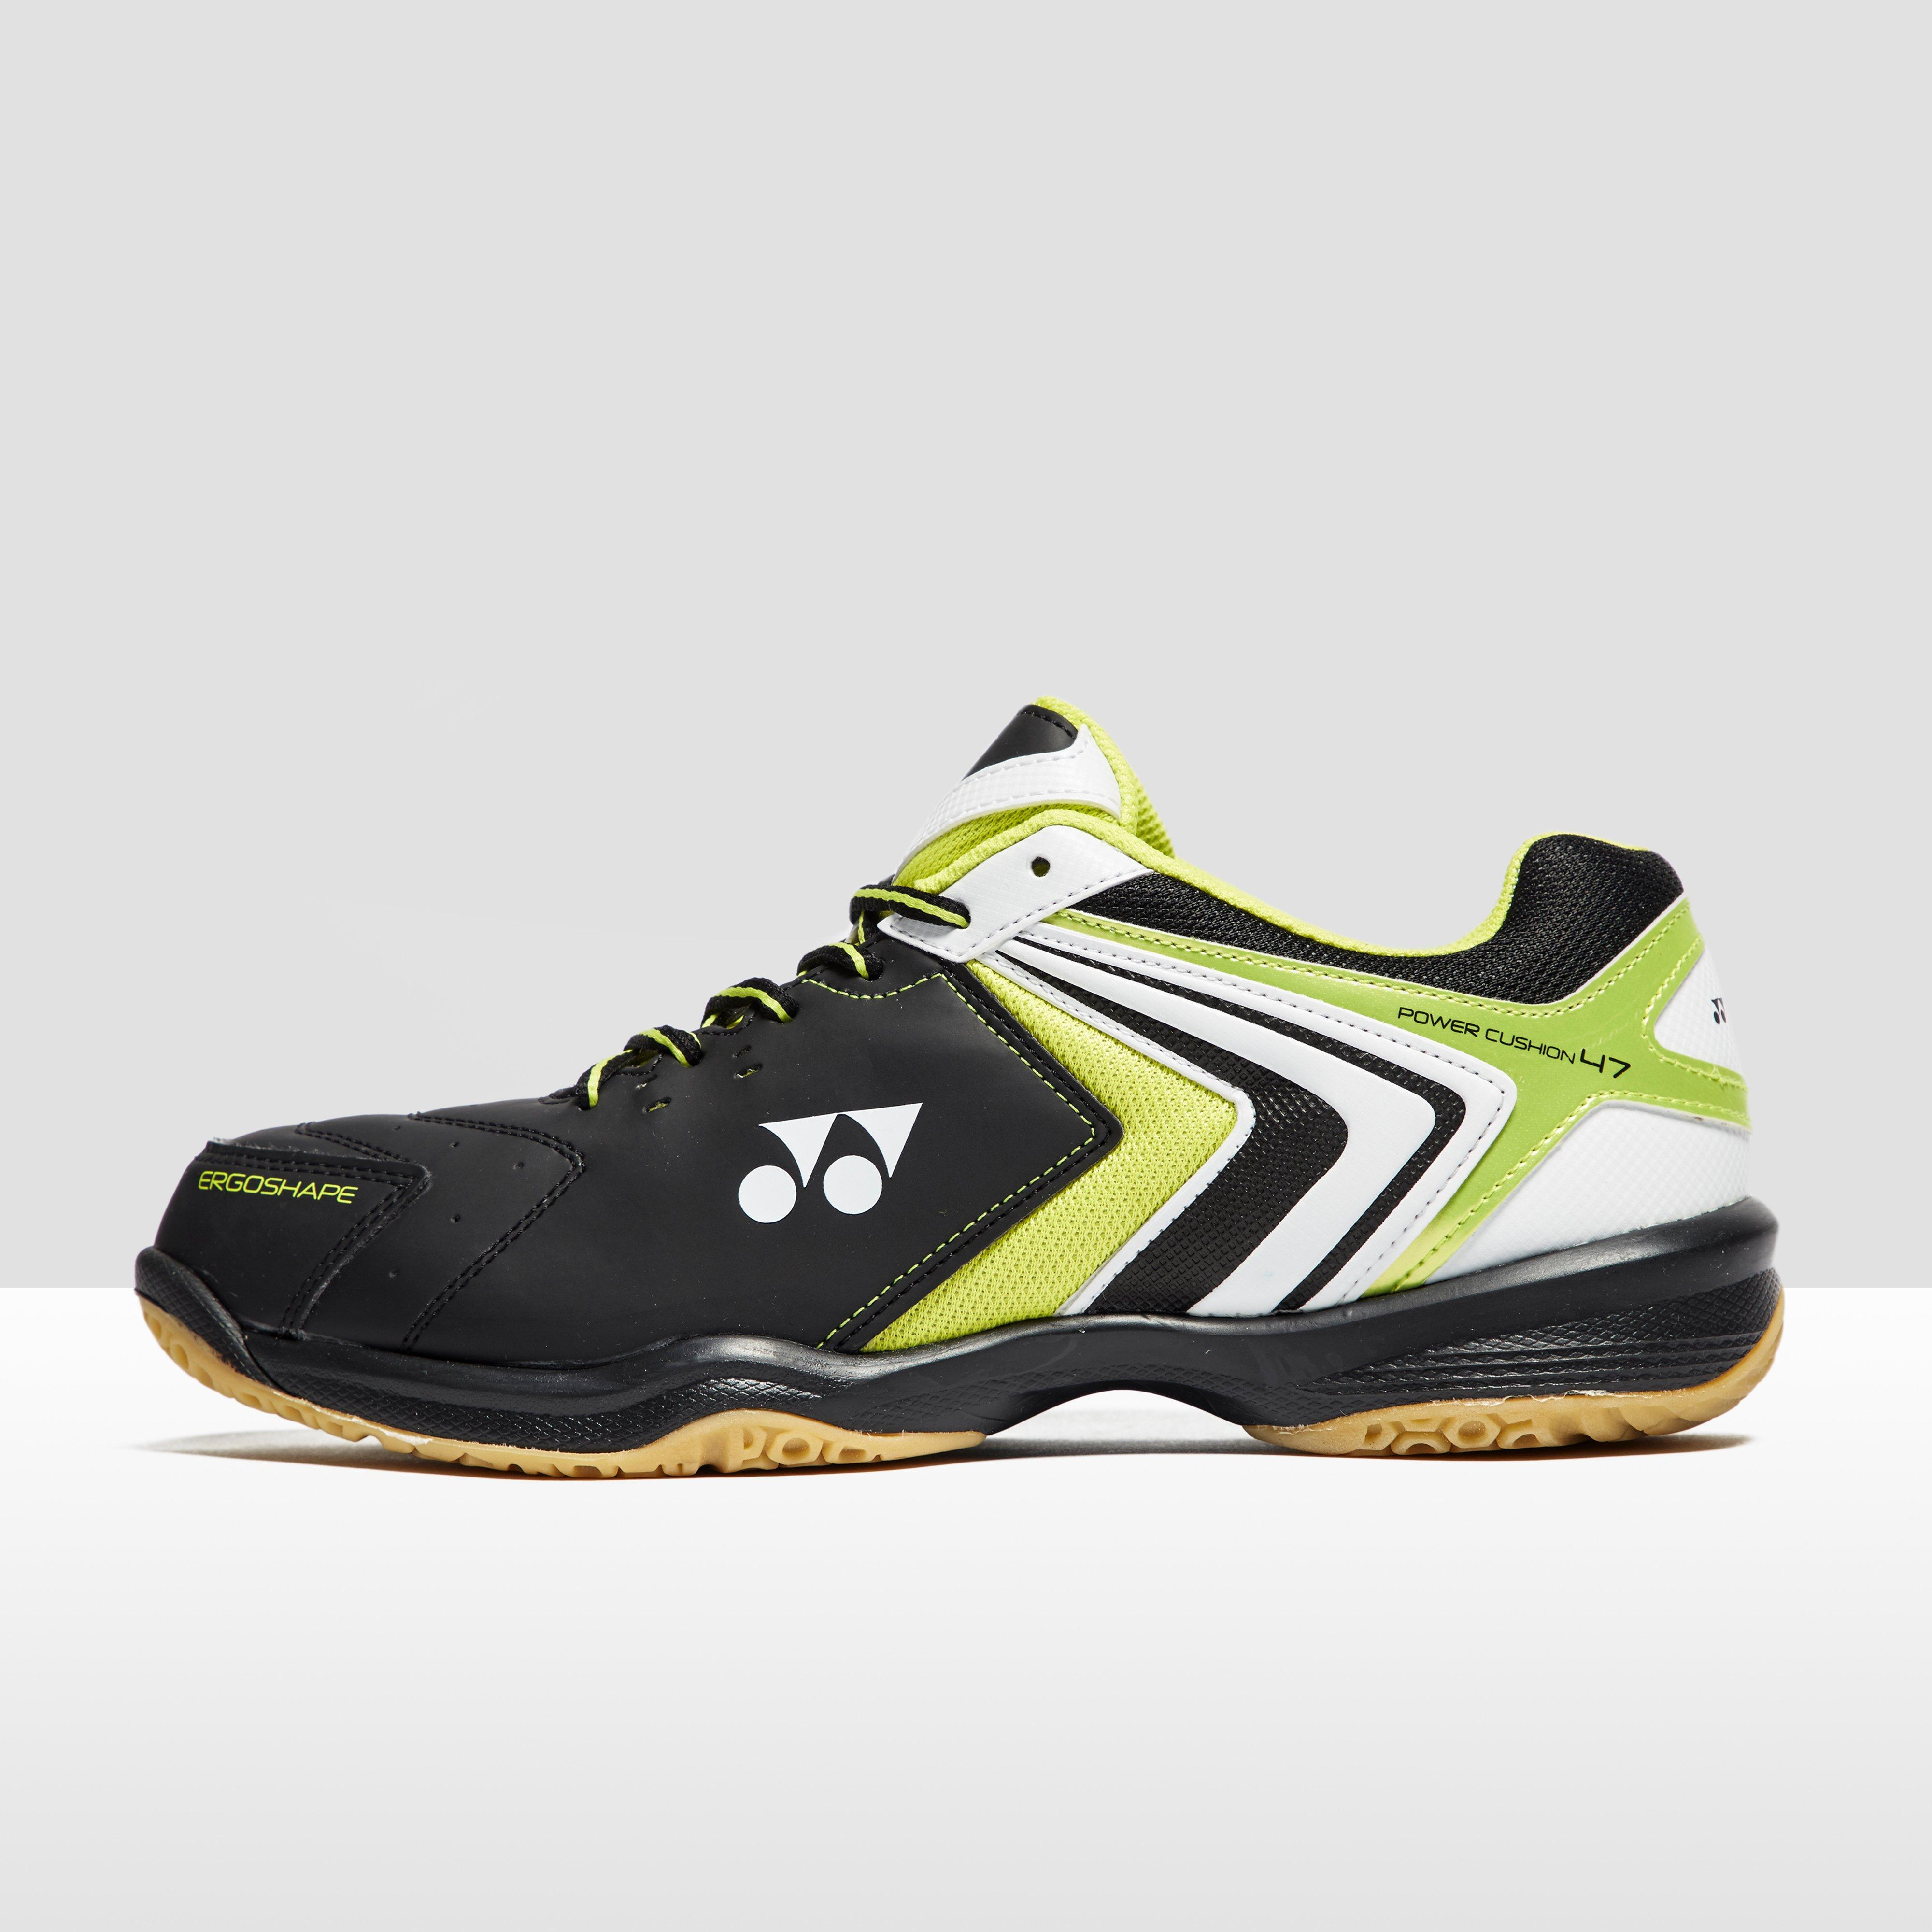 e5b6c1b9ac6e1 Details about Yonex Power Cushion 47 Men's Badminton Shoes